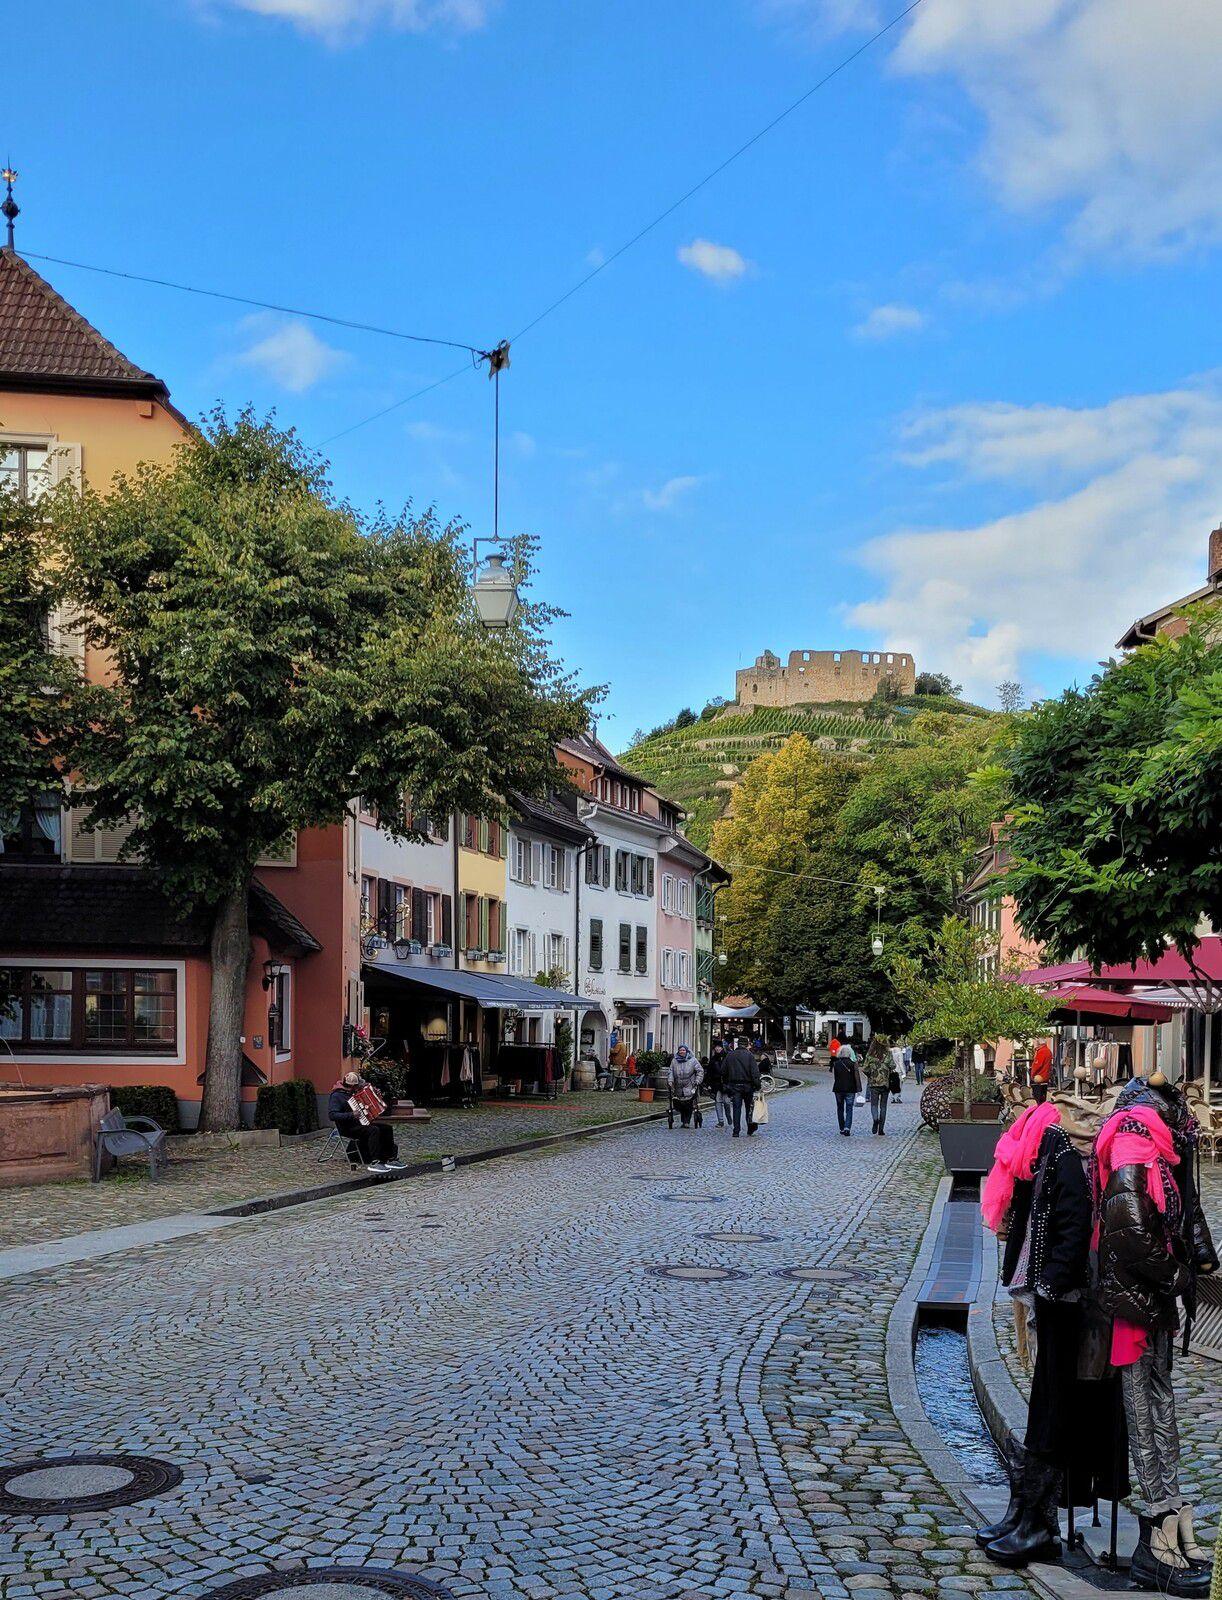 Sortie séniors, c'était le mercredi 13 octobre 2021, de Bad Krozingen à Staufen.